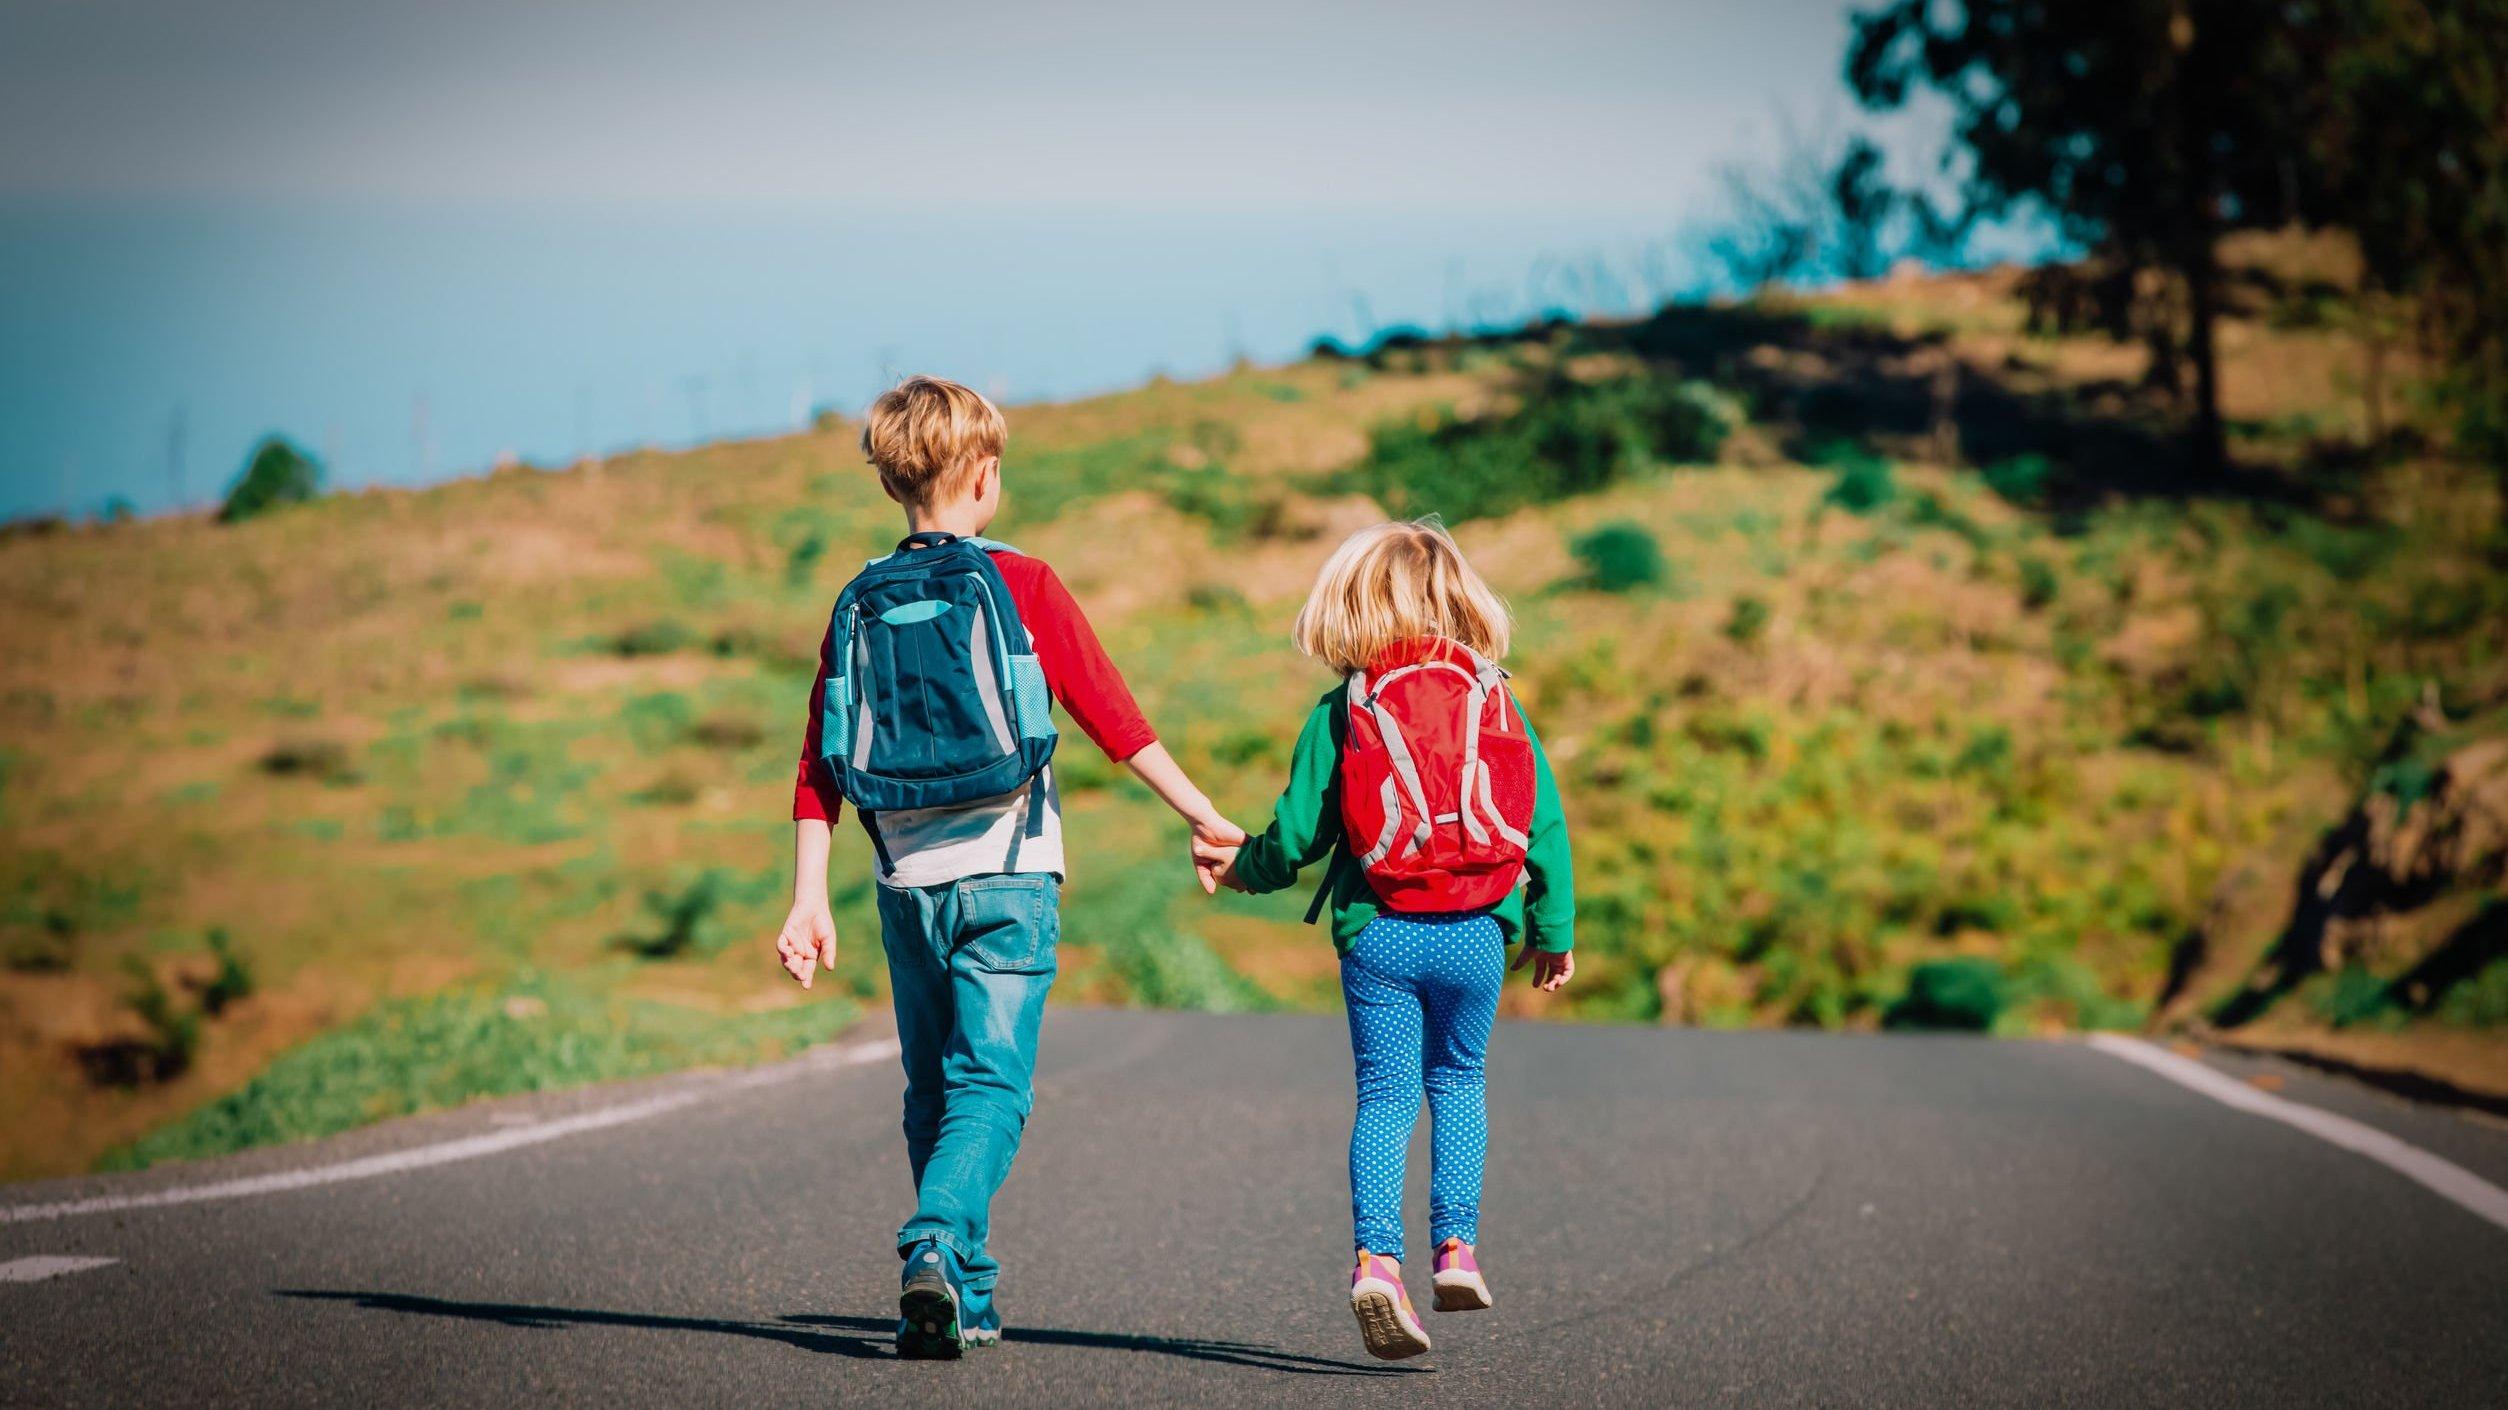 Menino e menina brancos e loiros andando de mãos dadas numa estrada com mochila nas costas